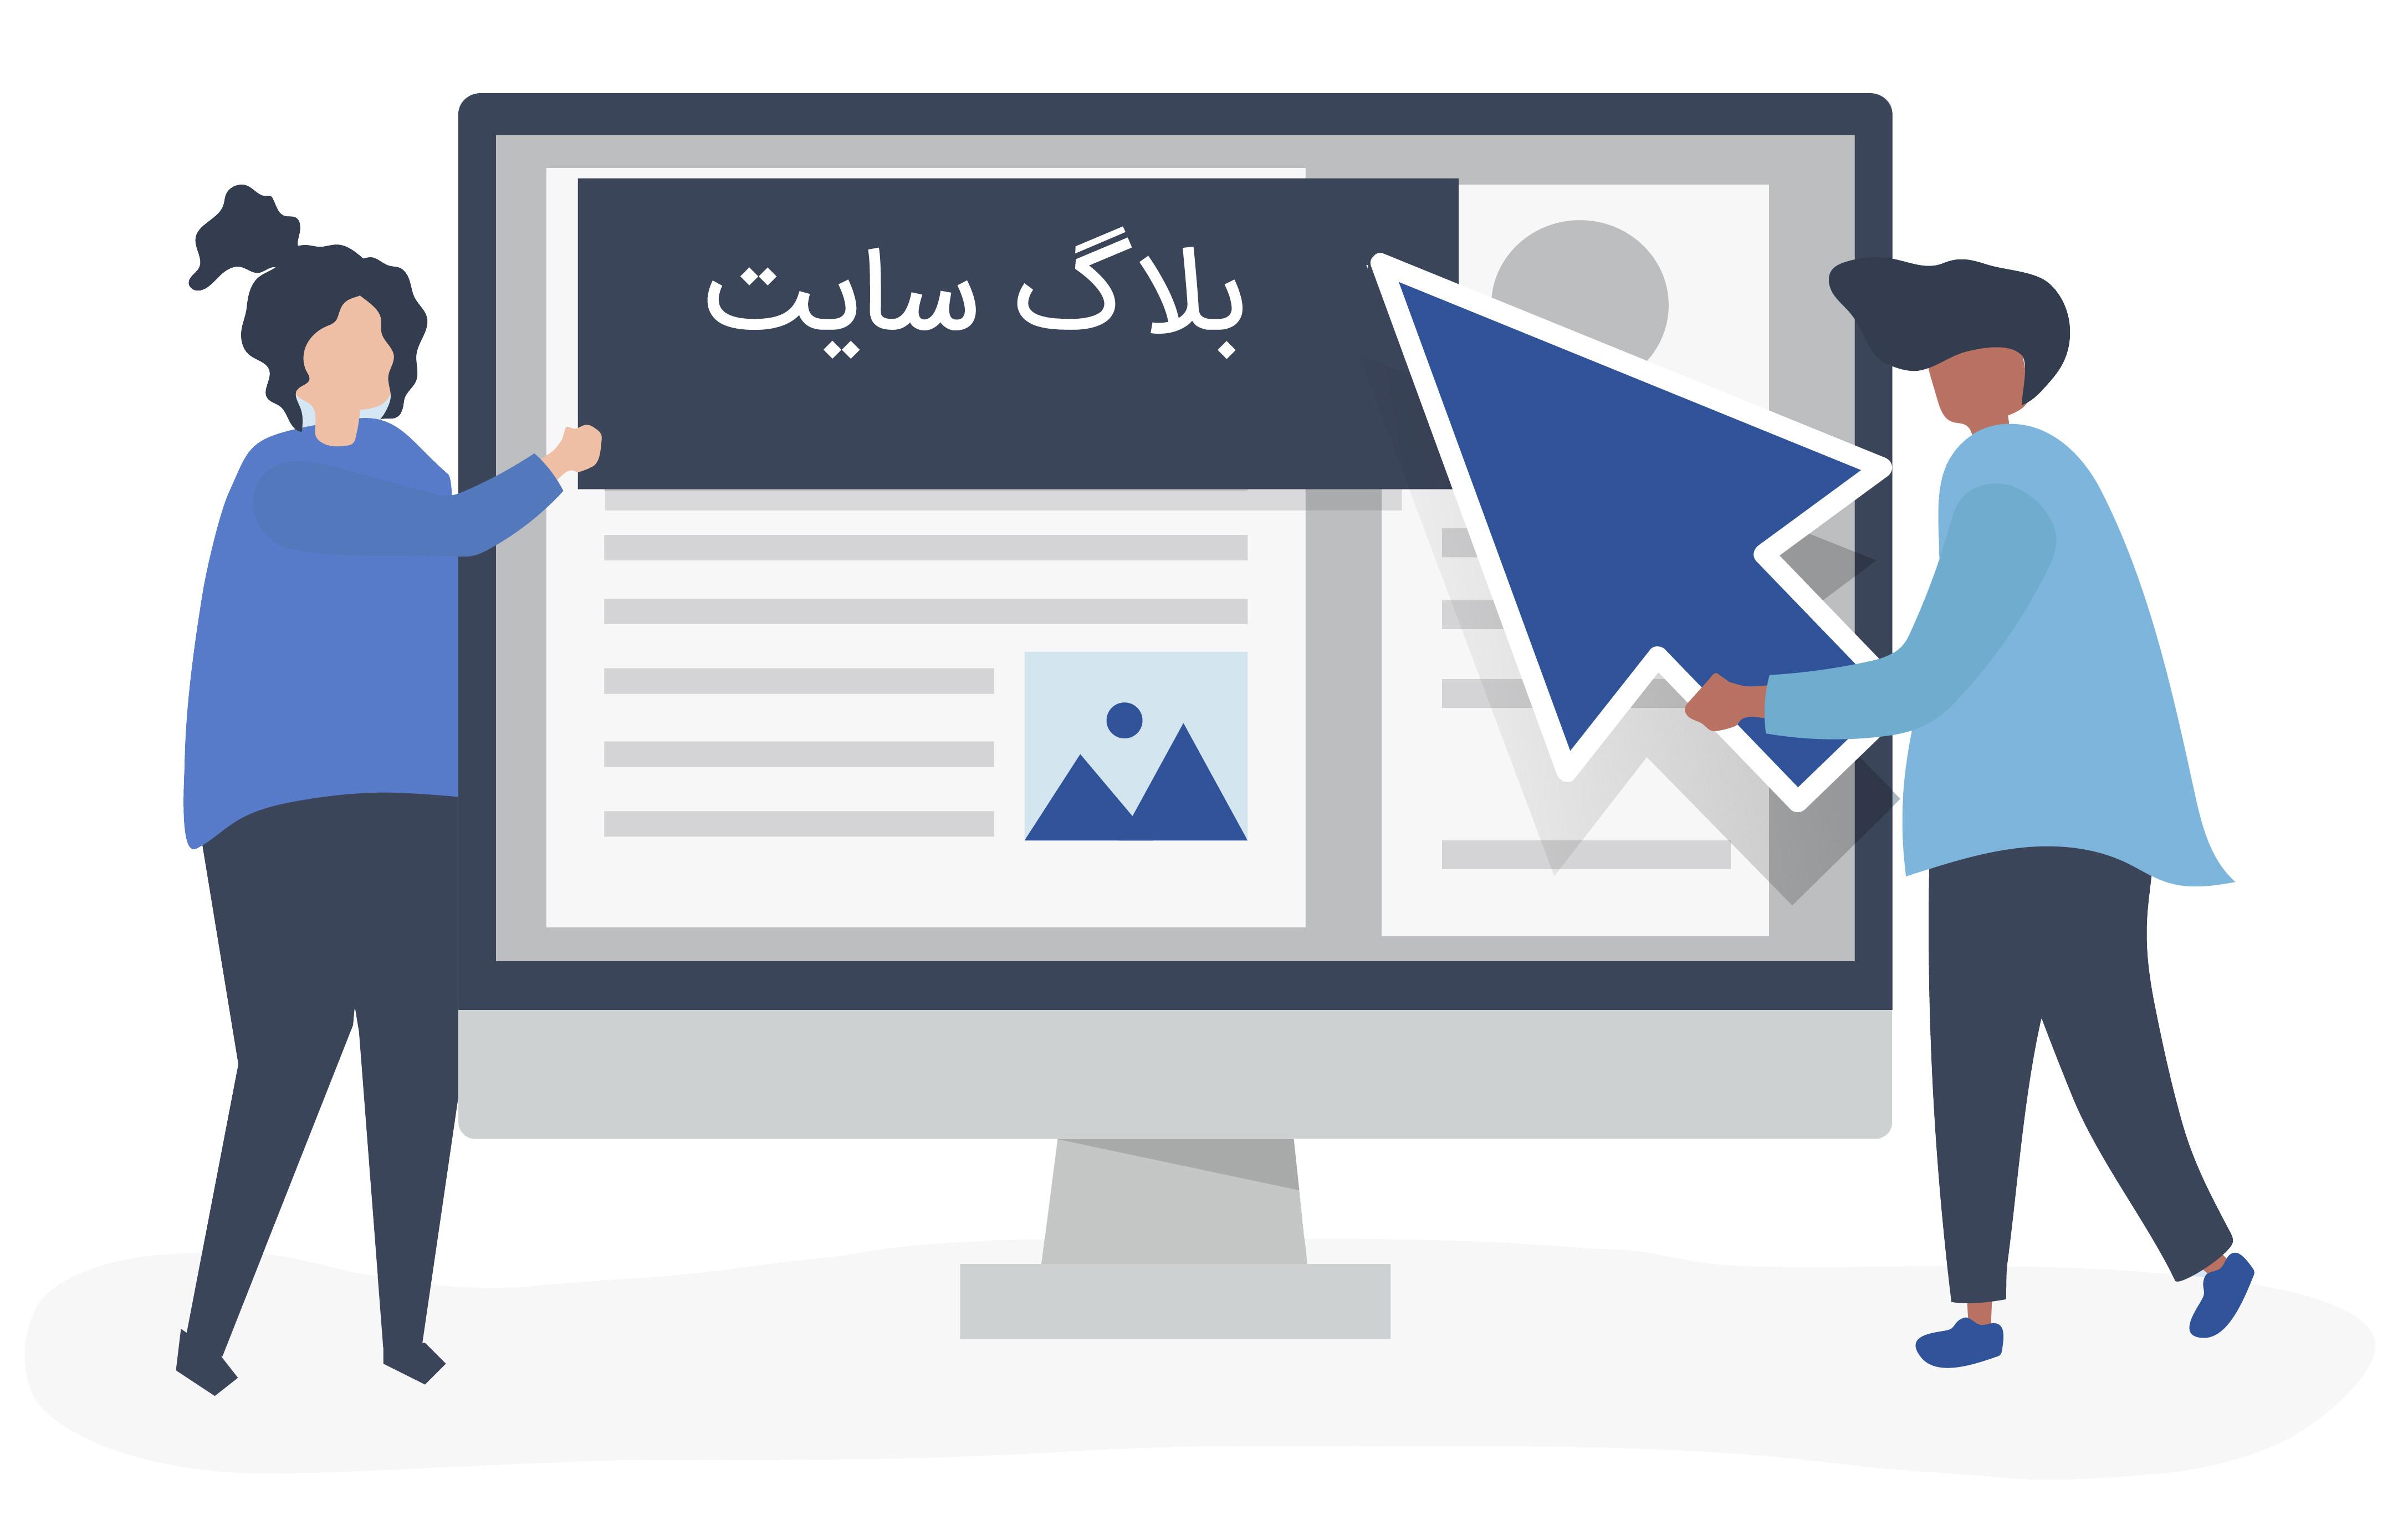 بازاریابی محتوا برای جلب اعتماد مشتری